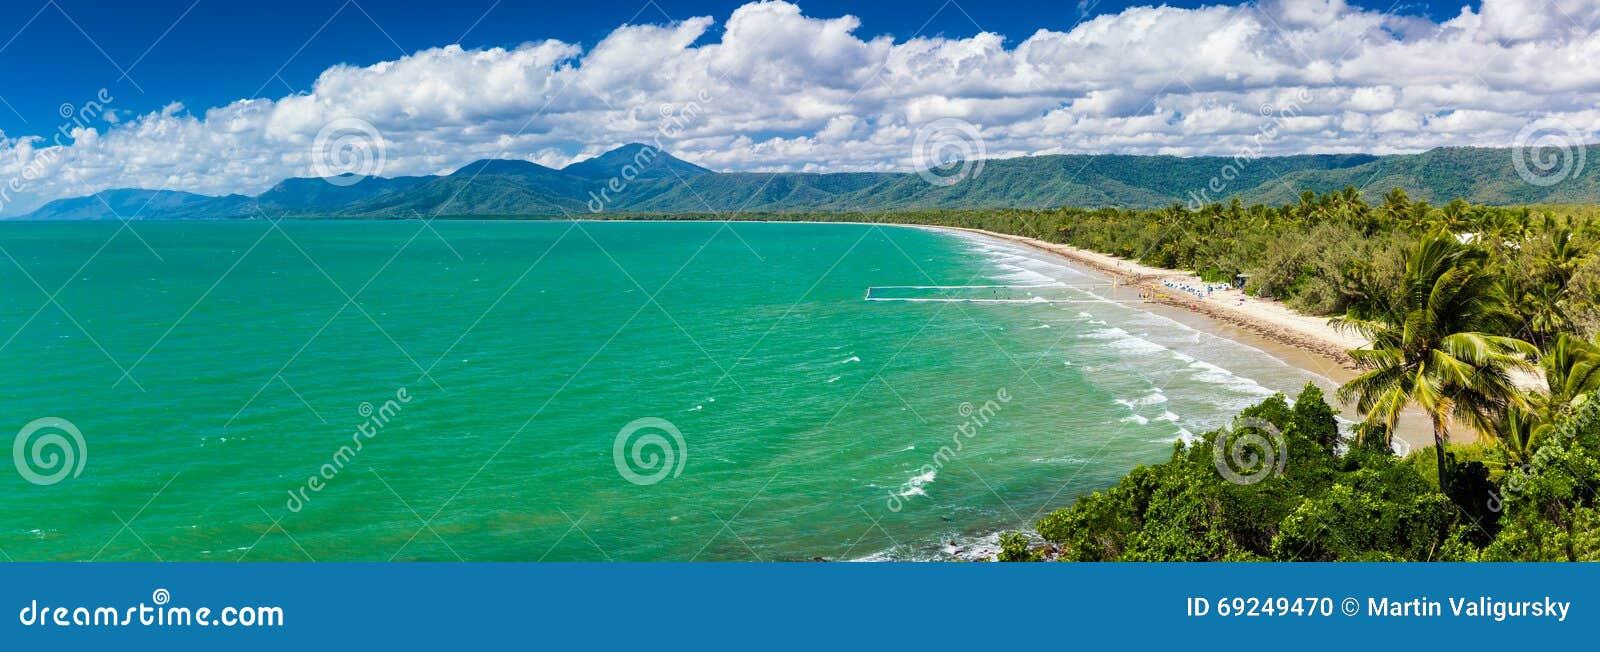 Port Douglas vier-Meilen-Strand und Ozean am sonnigen Tag, Australien